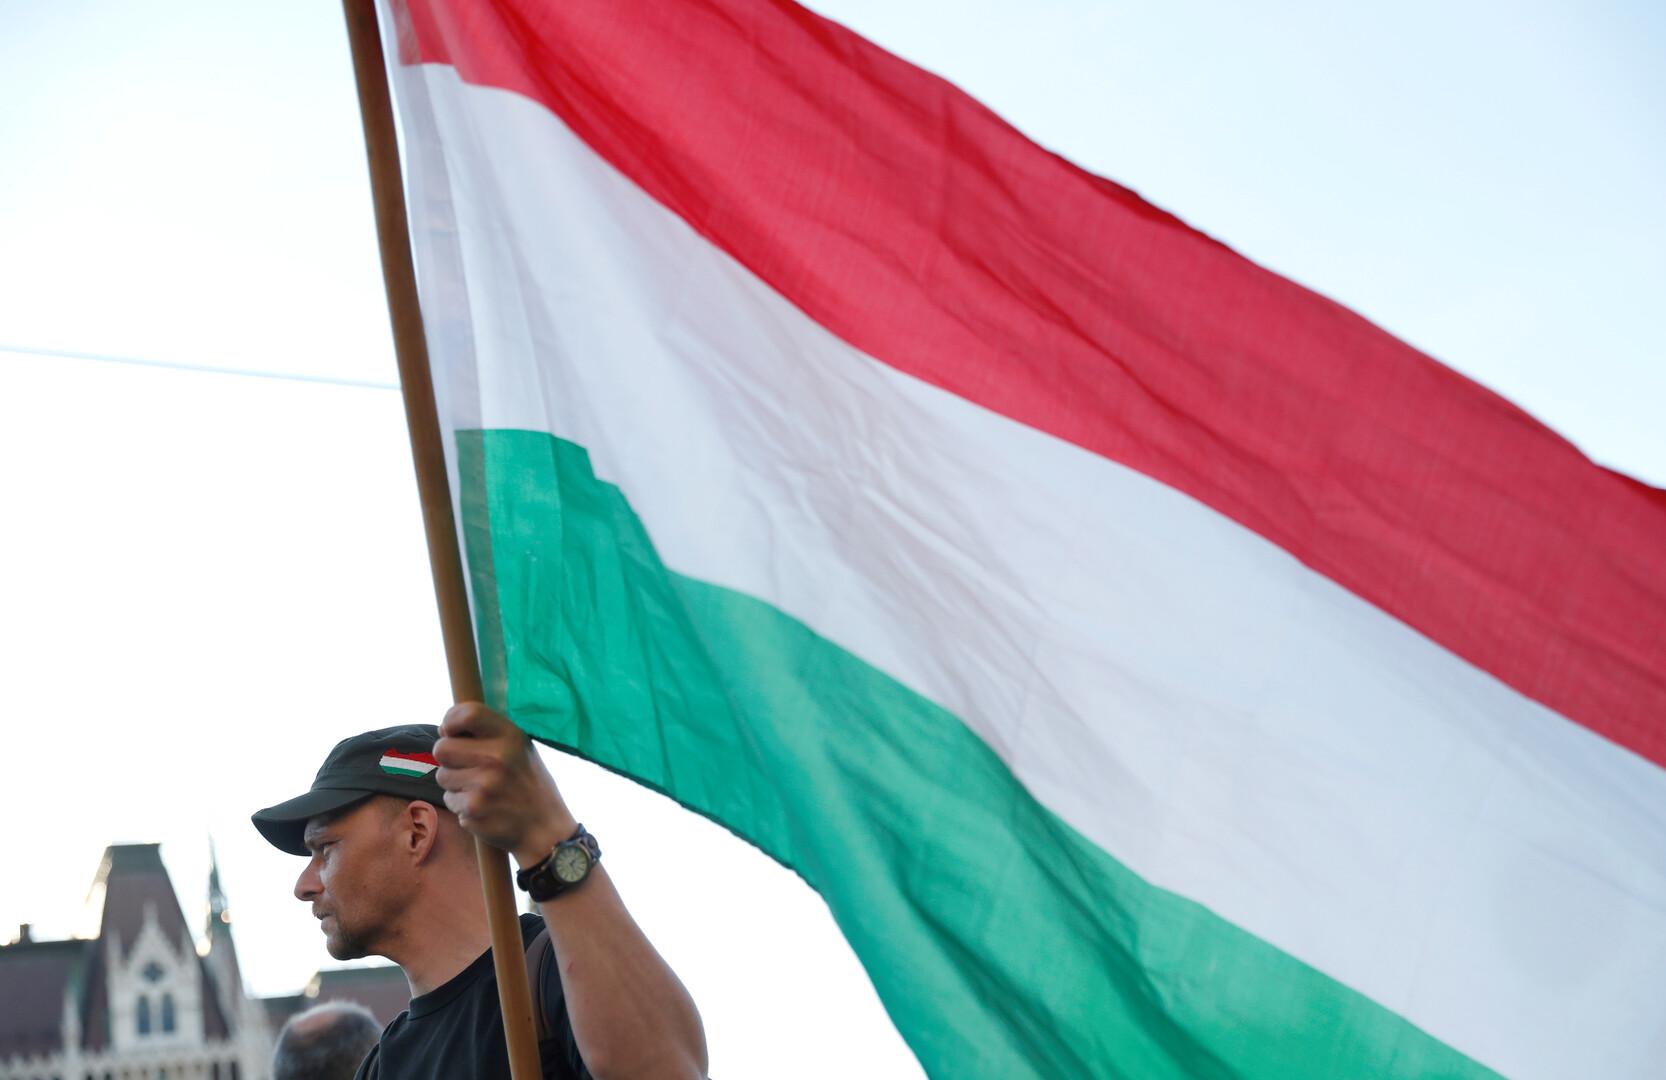 هنغاريا توجه تهمة الإرهاب وارتكاب جرائم ضد الإنسانية لسوري من عناصر